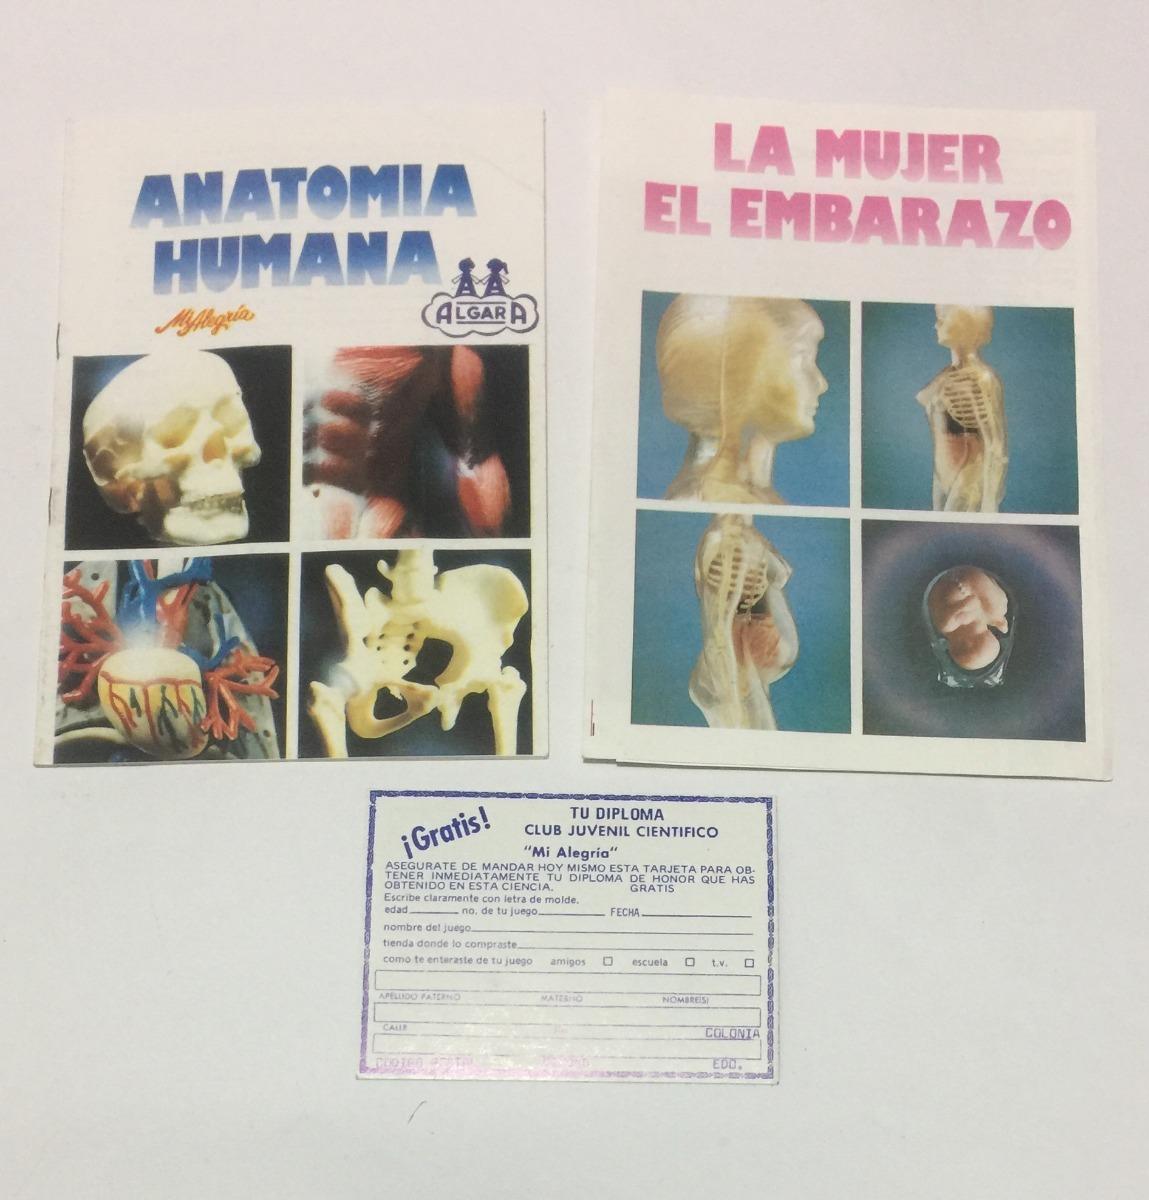 Anatomía Humana La Mujer El Embarazo Mi Alegría Retromex V ...